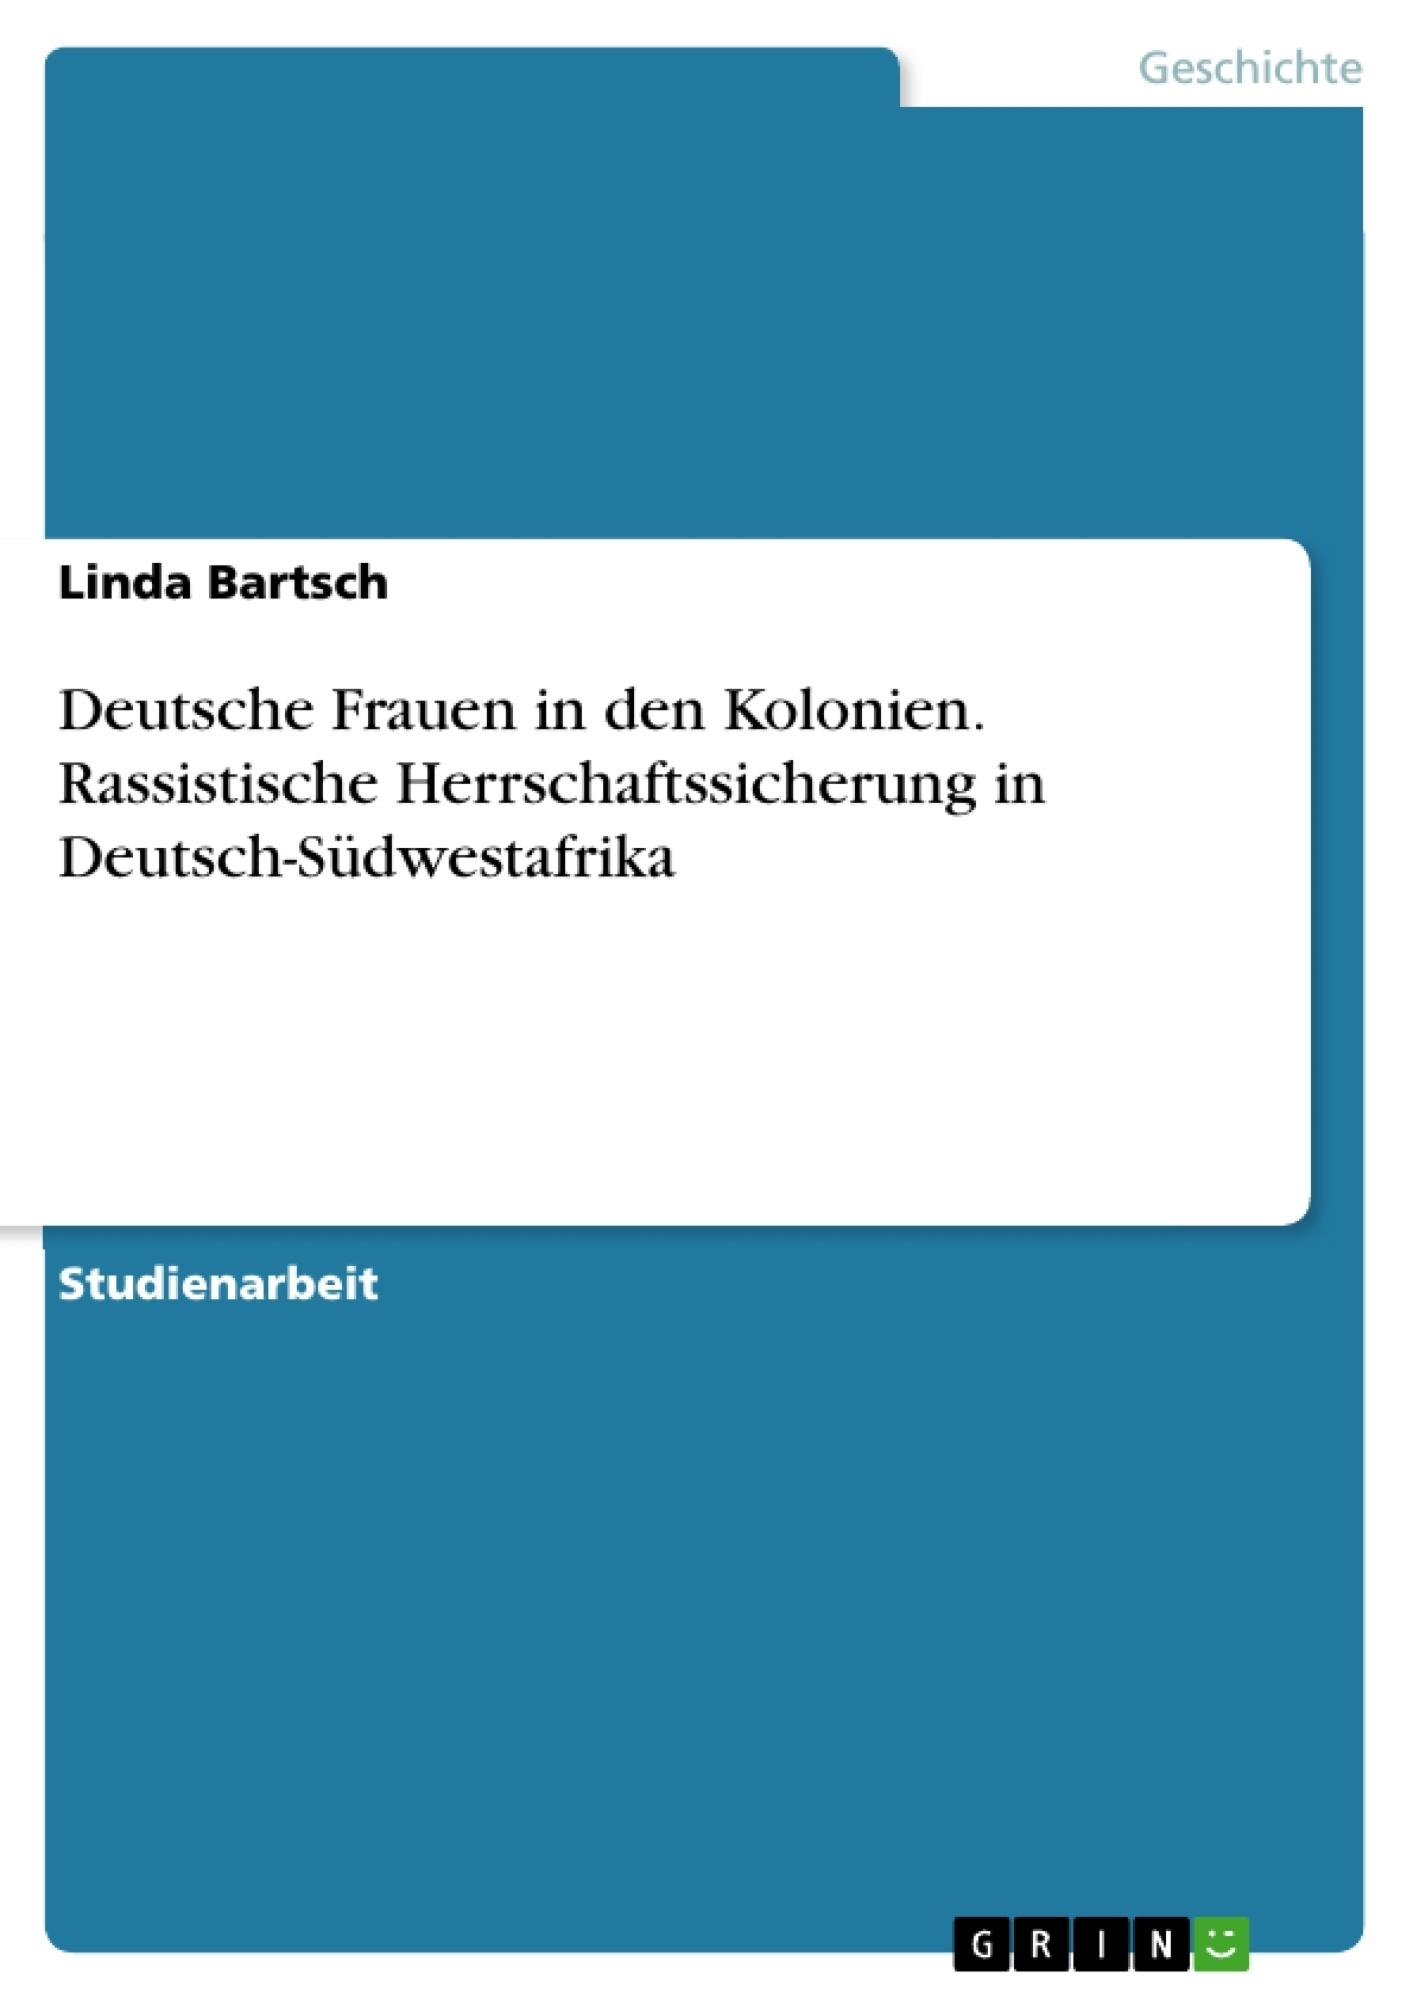 Titel: Deutsche Frauen in den Kolonien. Rassistische Herrschaftssicherung in Deutsch-Südwestafrika